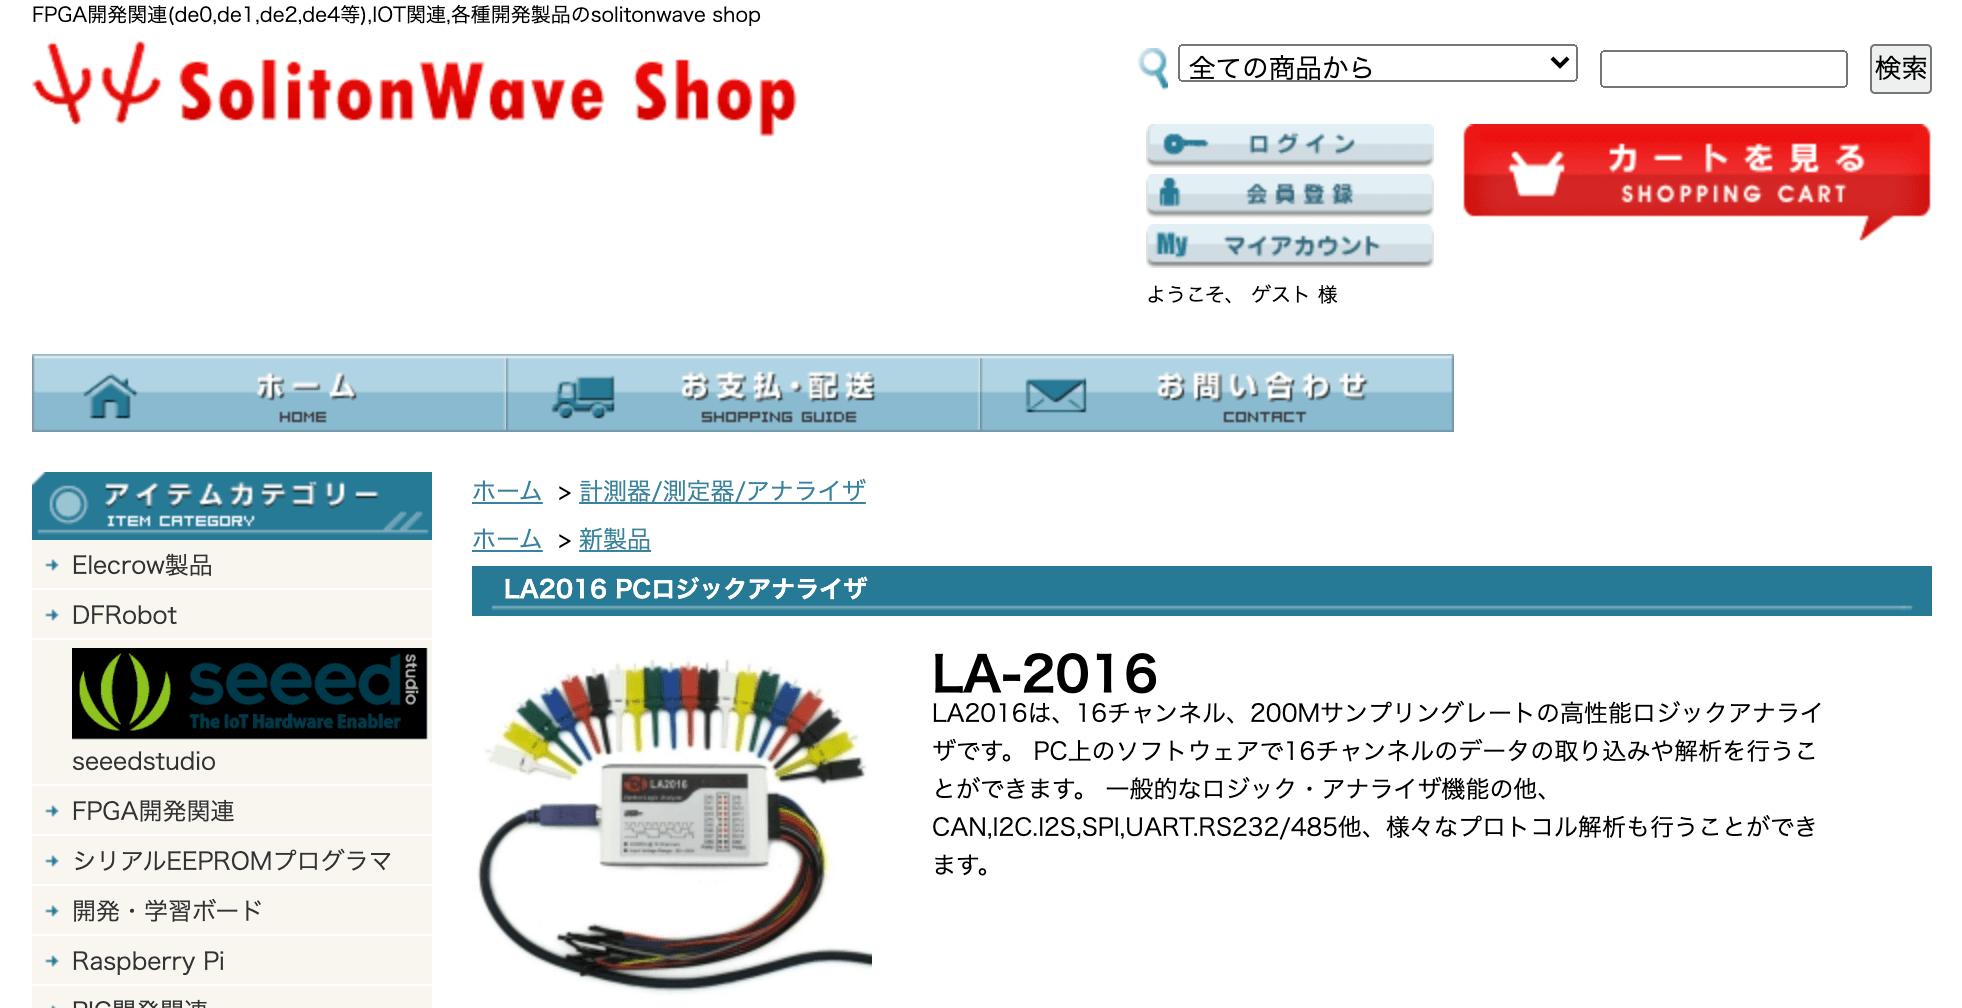 LA2016 PCロジックアナライザ